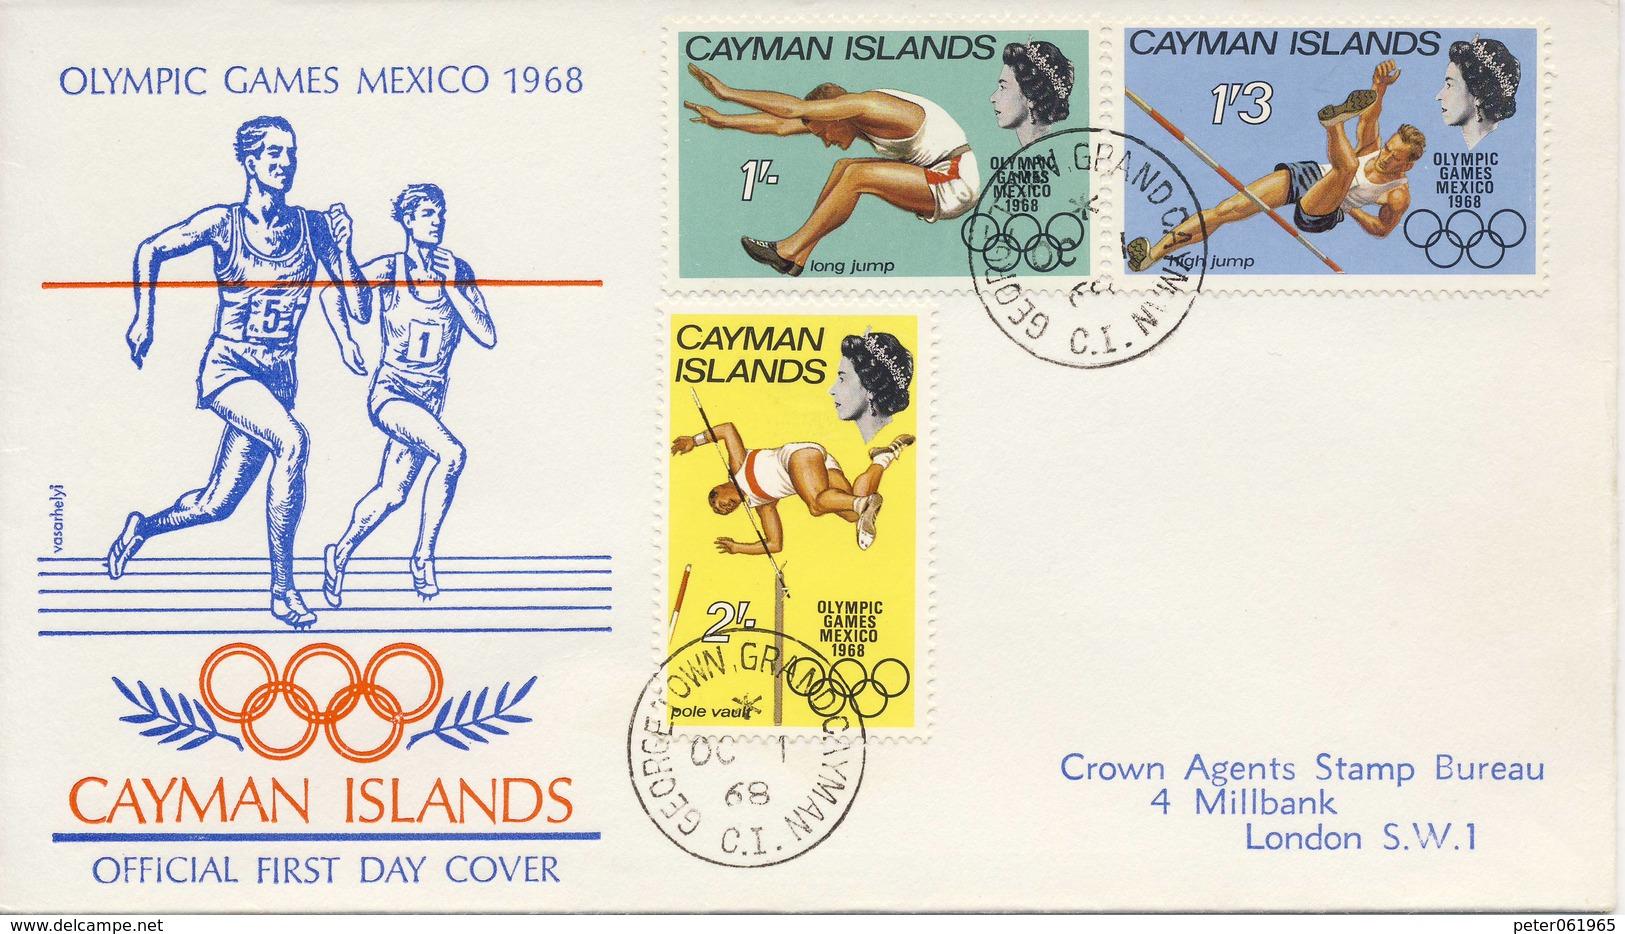 O.S. Mexico-Stad: FDC Caymaneilanden - 1968 - Summer 1968: Mexico City